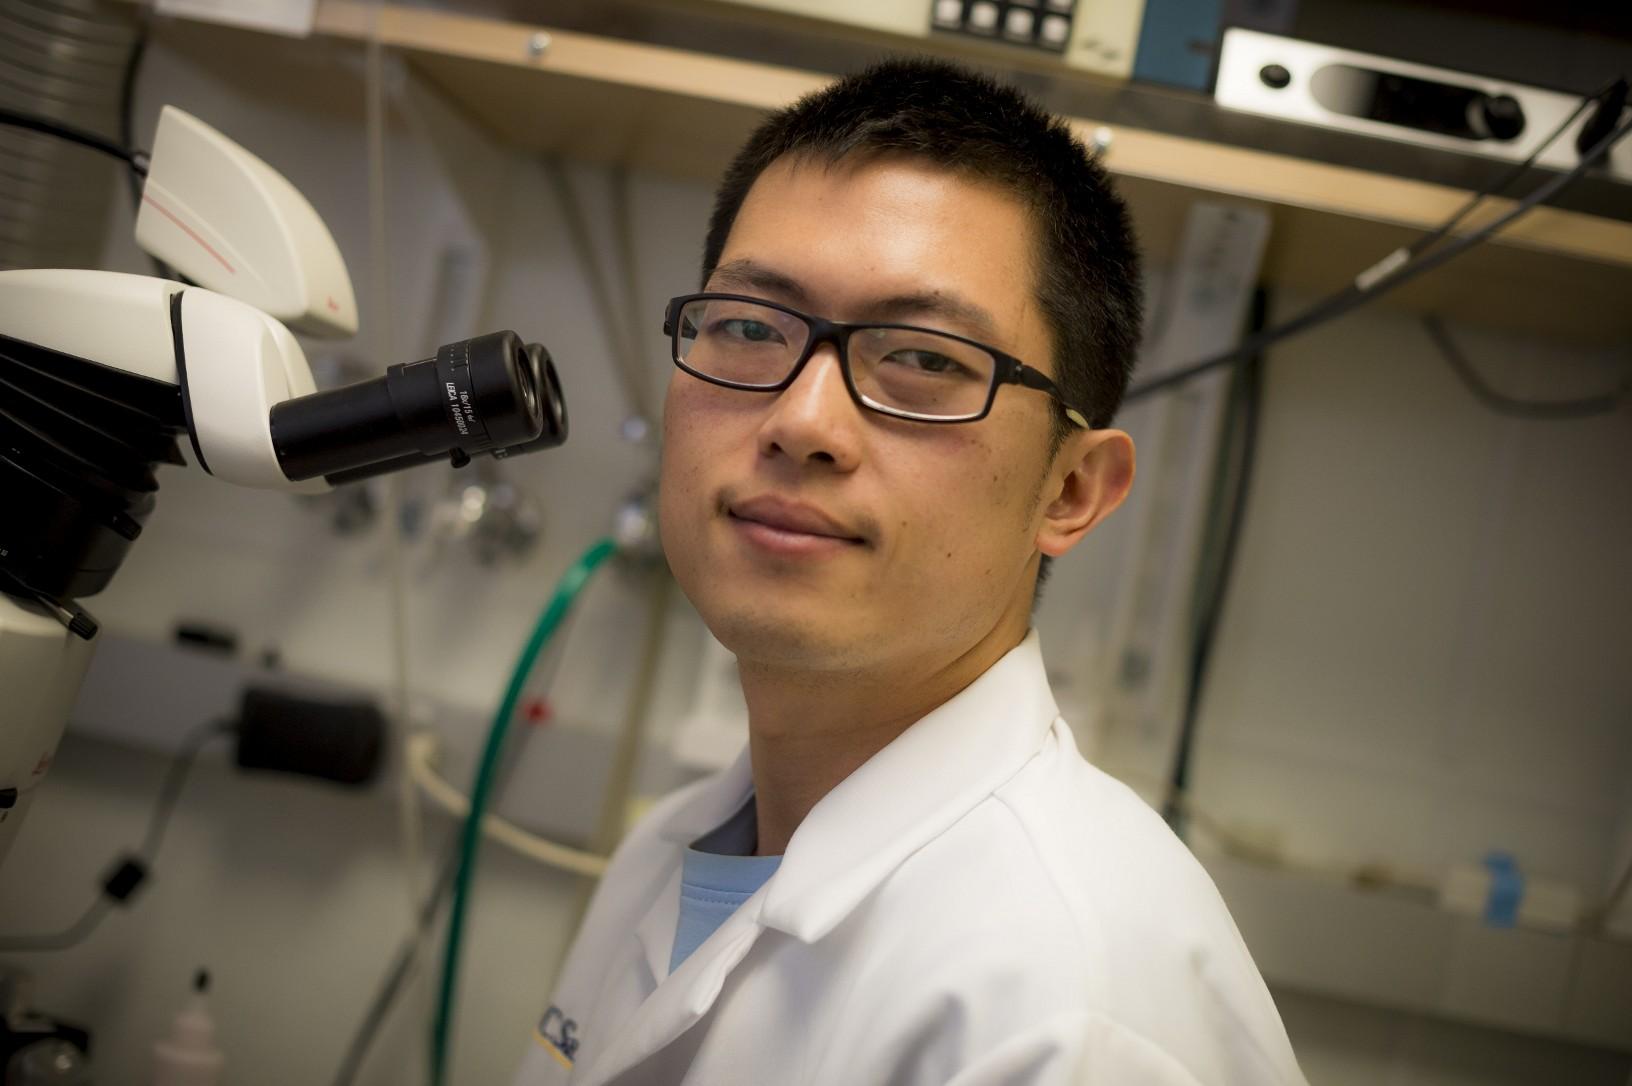 Dr. Simon Chen